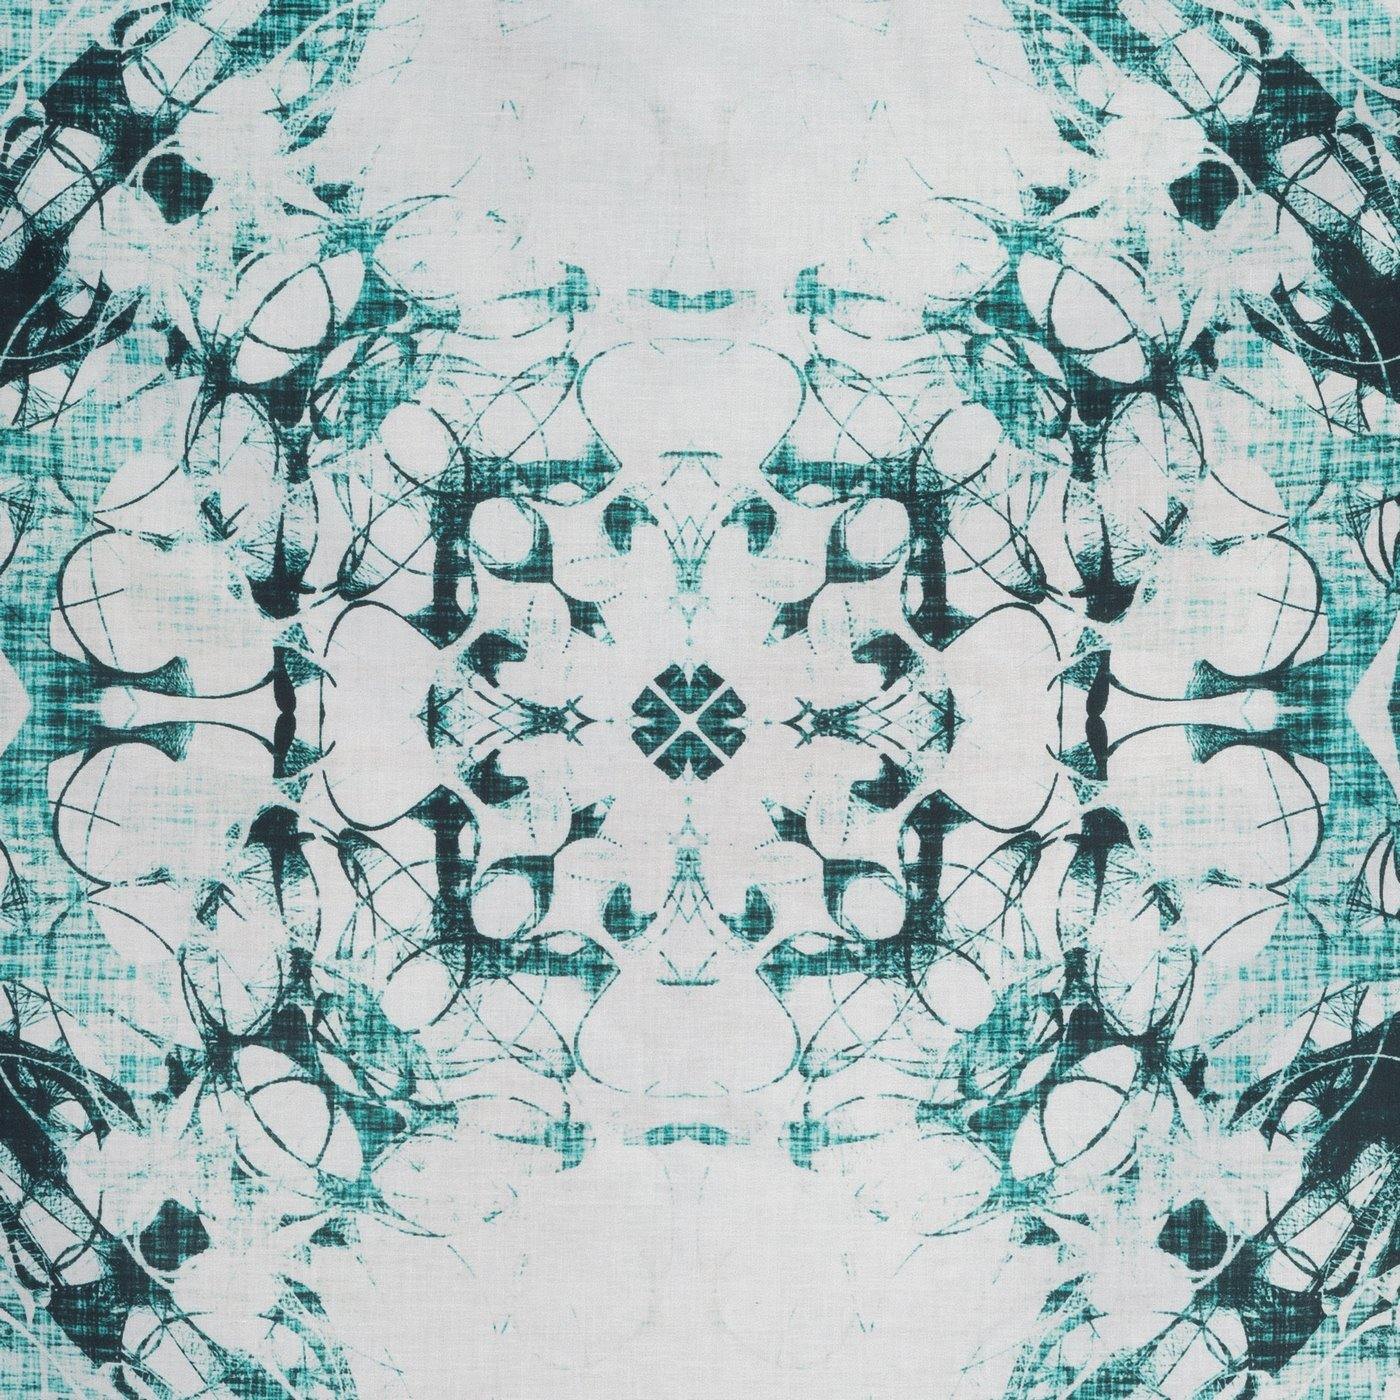 Komplet pościeli z bawełny hiszpańskiej  220 x 200 cm, 2 szt. 70 x 80 styl boho przecierany wzór